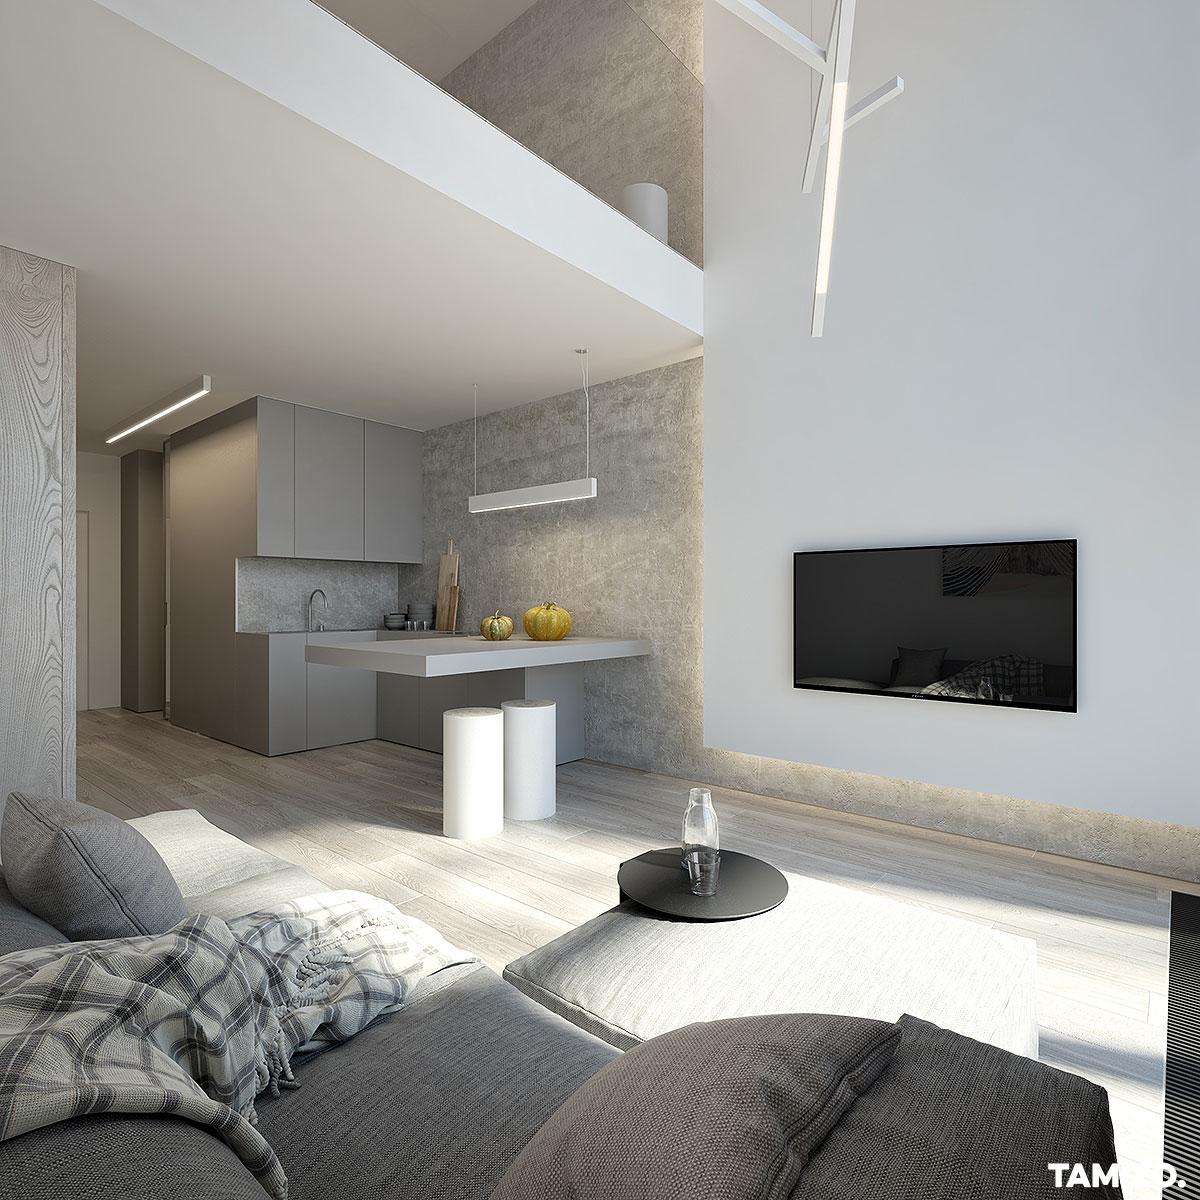 I065_tamizo_architekci_projekt-wnetrza-mieszkania-loft-kawalerka-warszawa-04